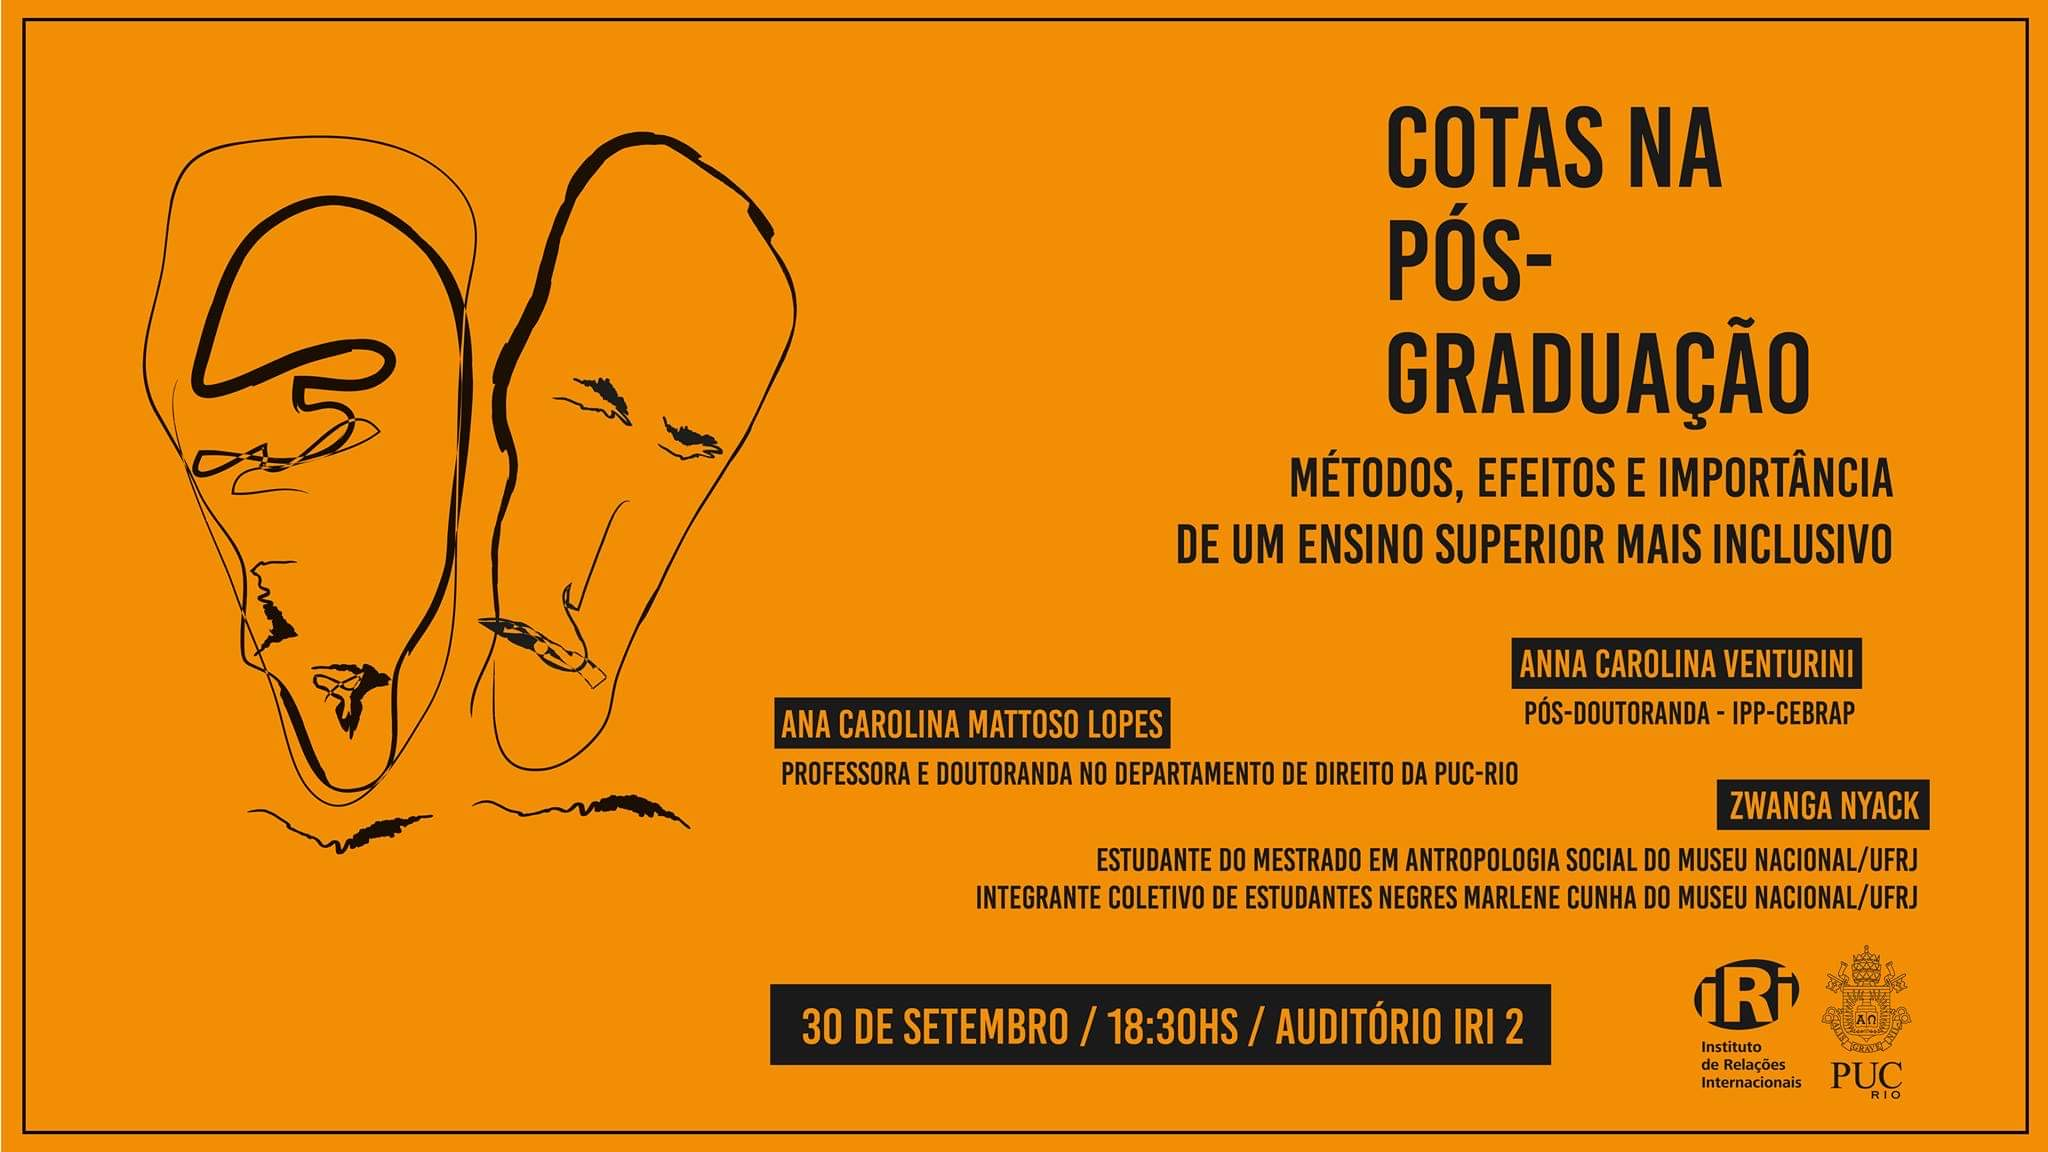 Cotas na Pós-Graduação: métodos, efeitos e importância de um ensino superior mais inclusivo